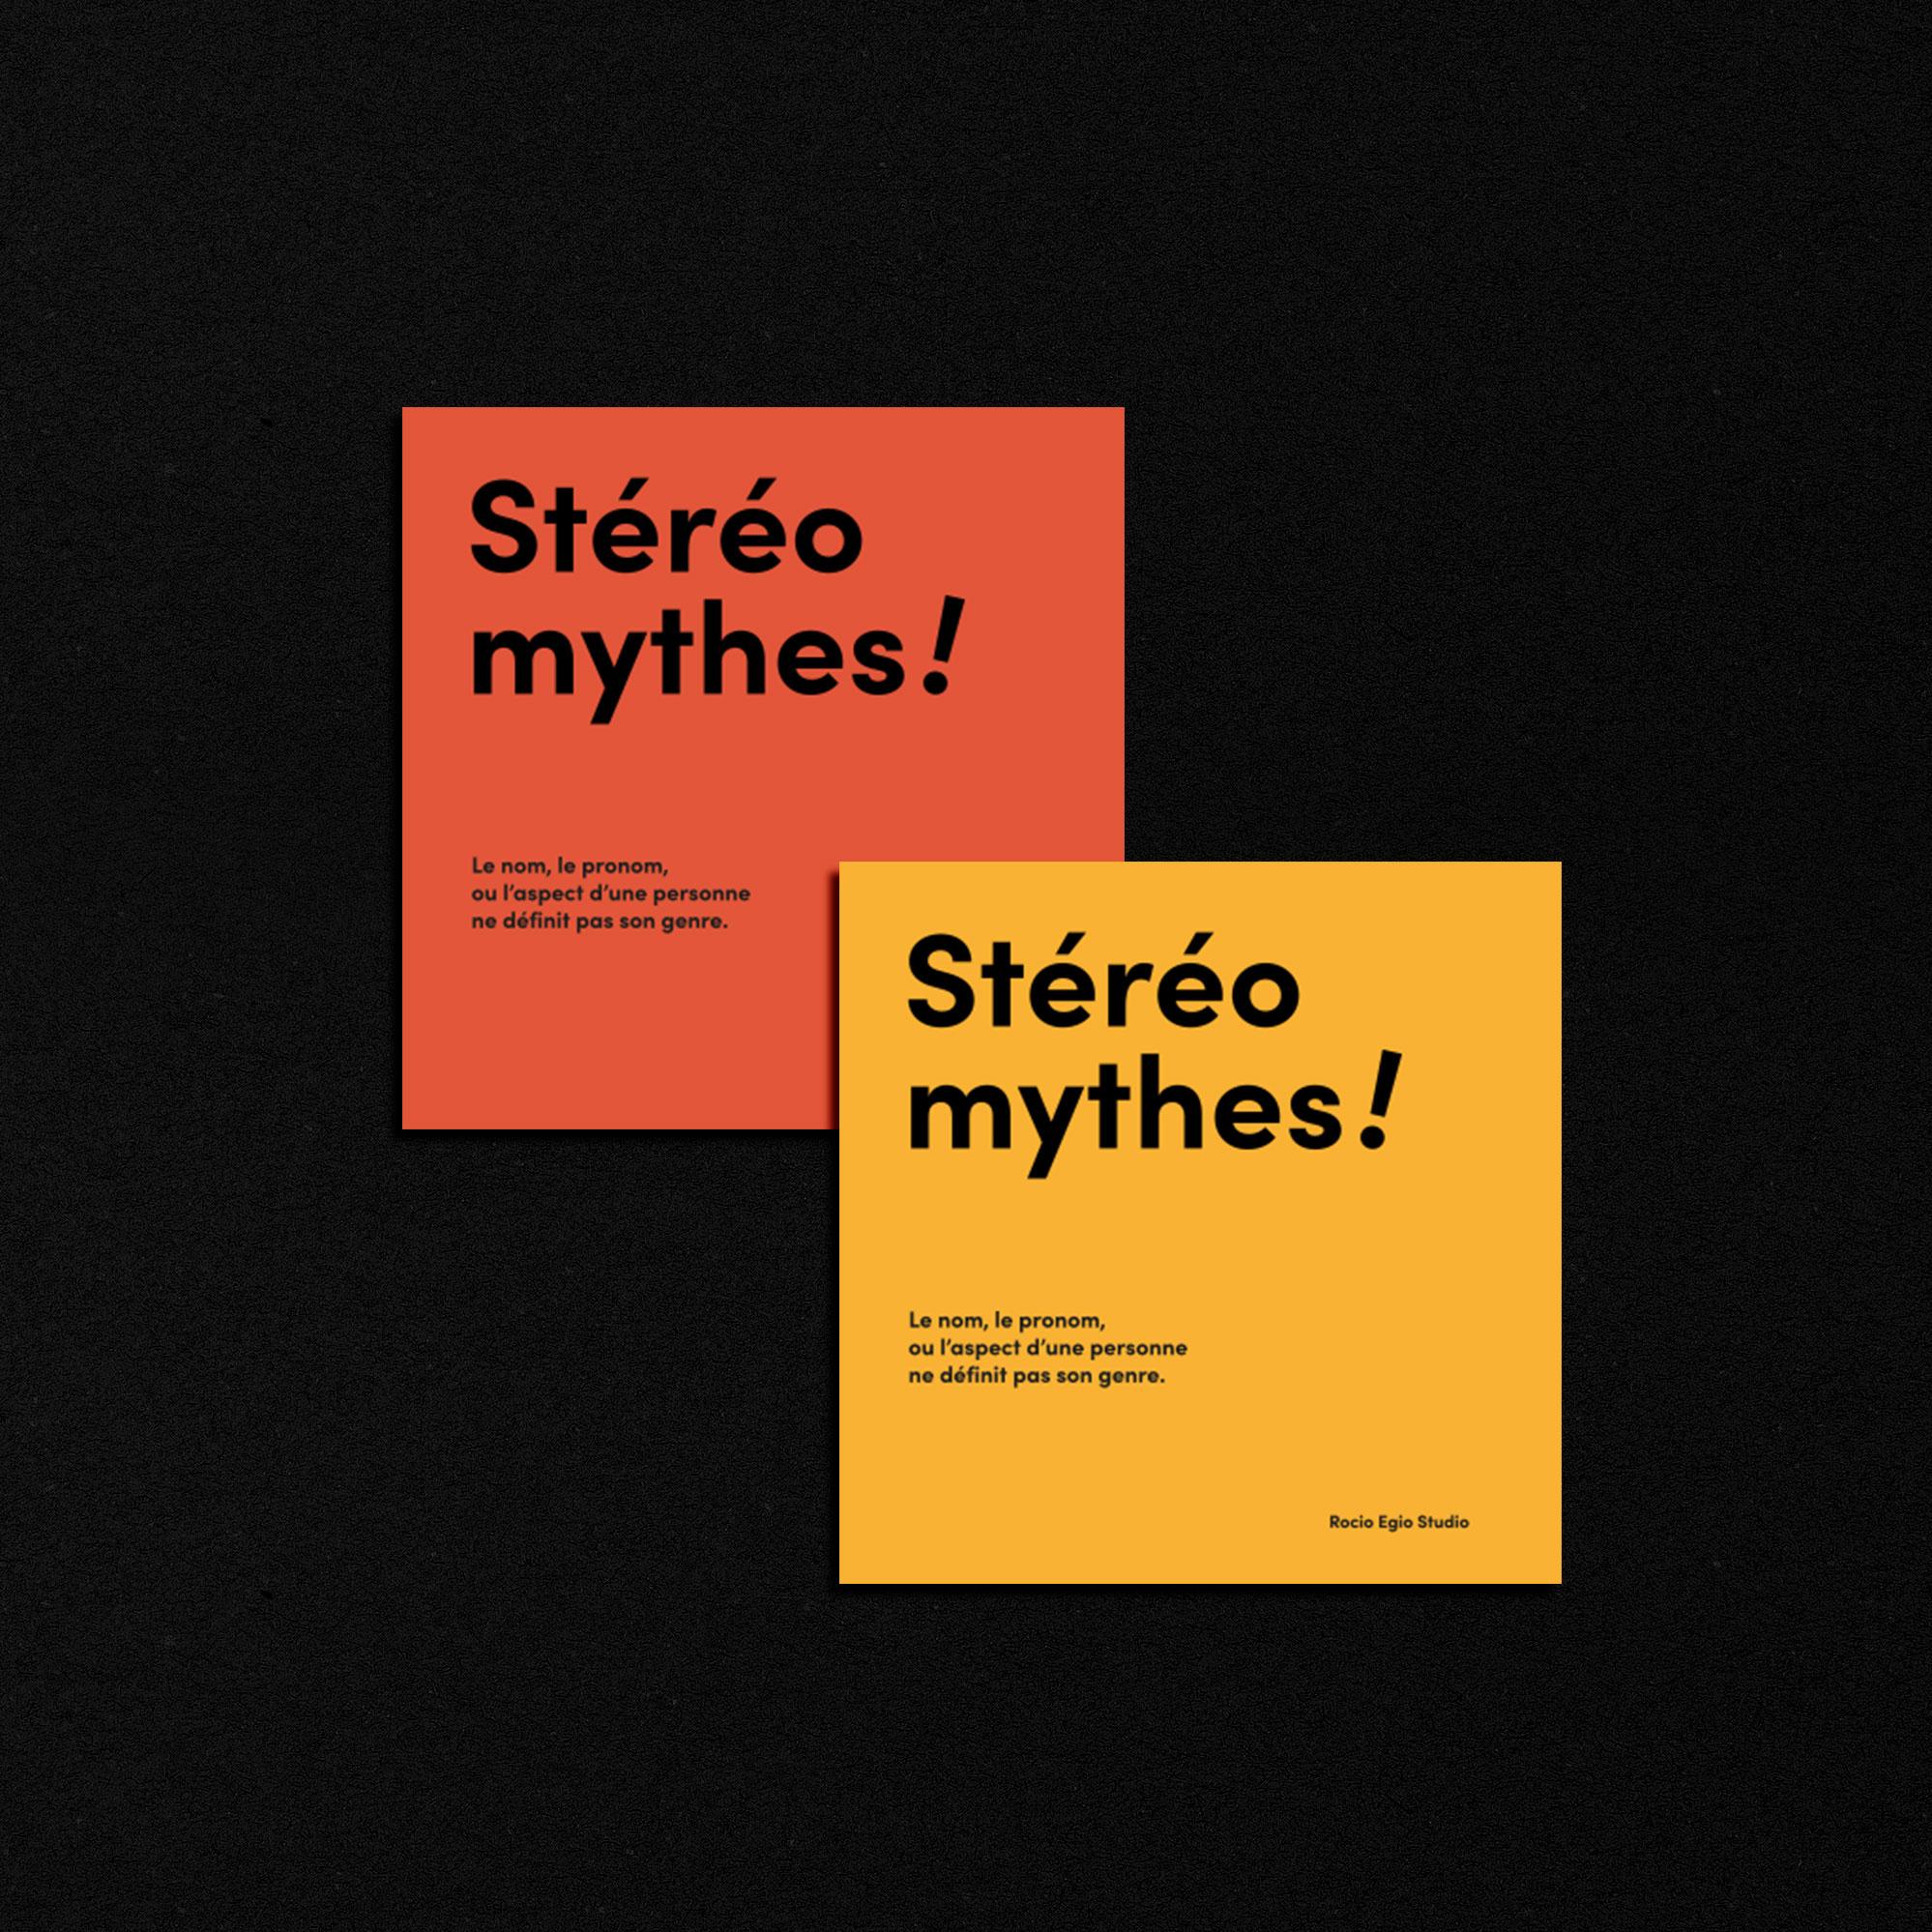 stereo_mythes_spielact_festival_geneva.jpg